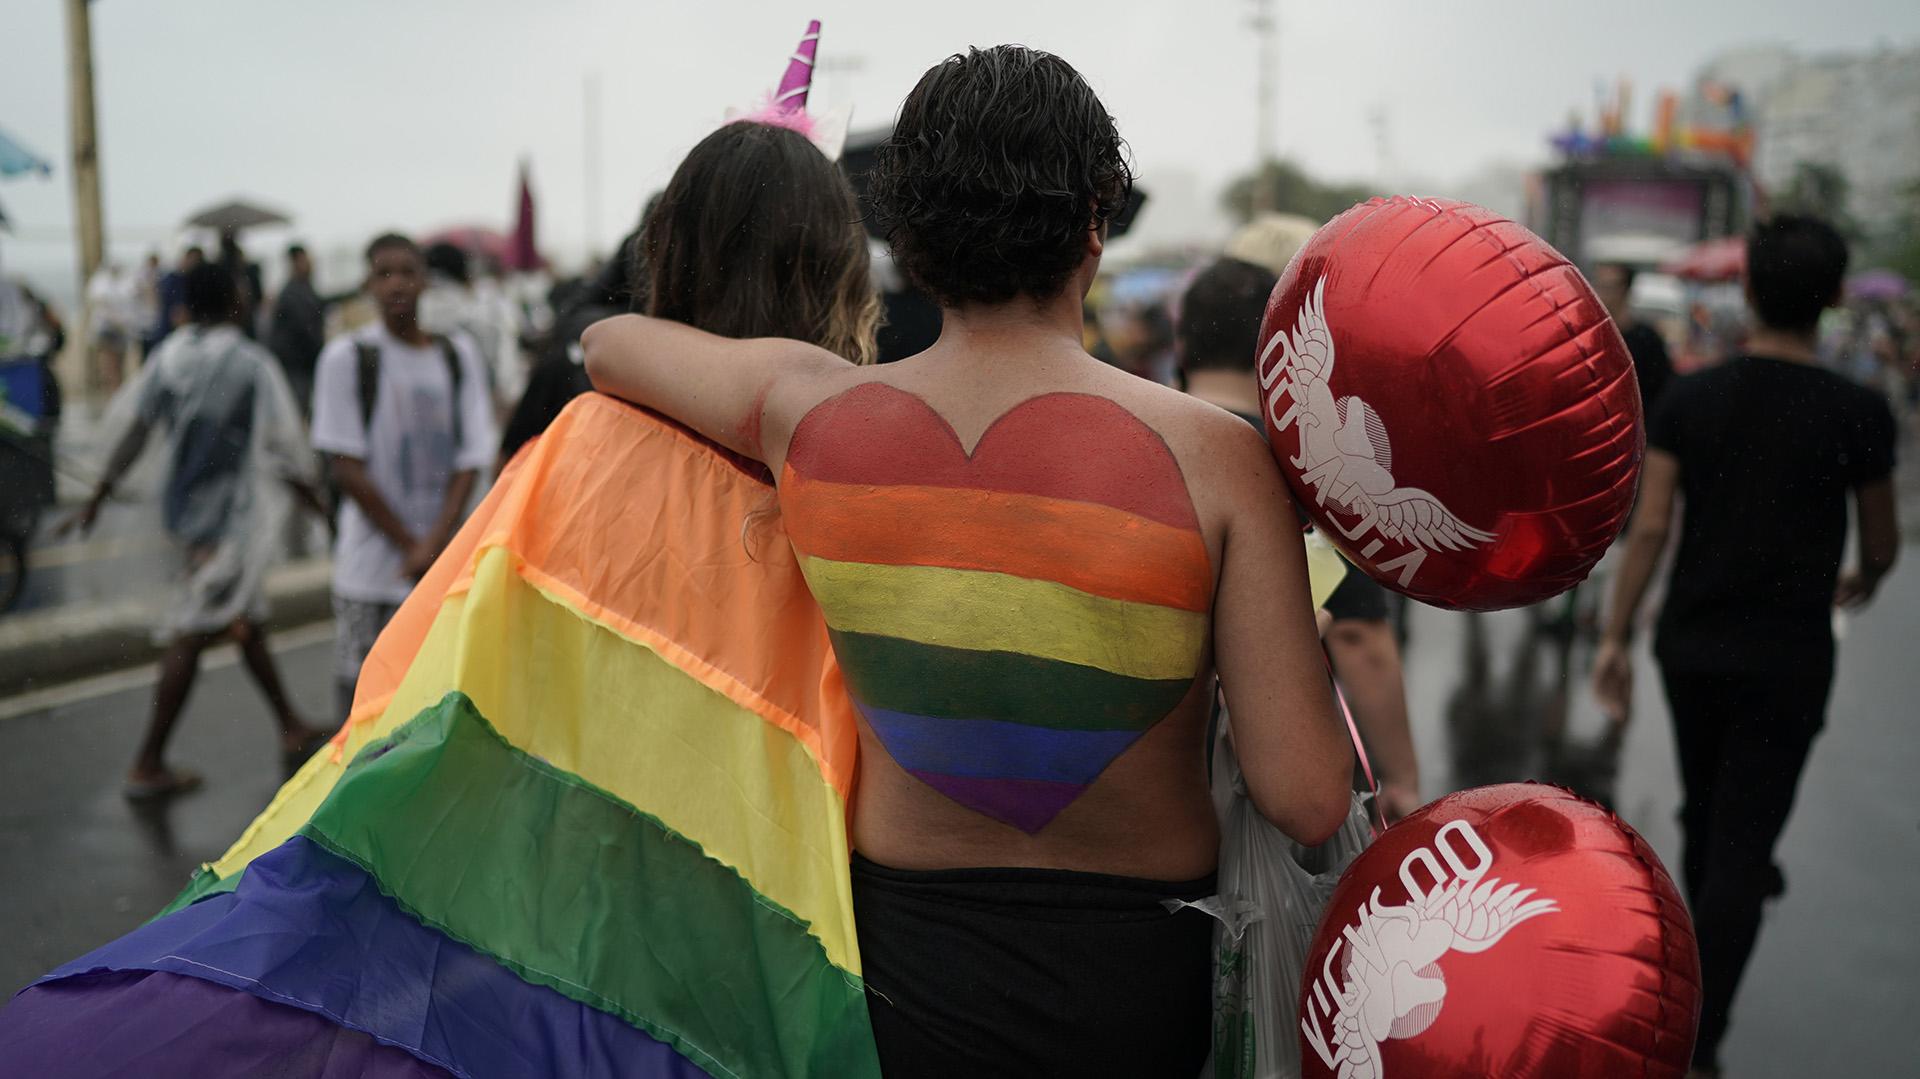 Las personas asisten al desfile anual del orgullo gay a lo largo de la playa de Copacabana. (Foto AP / Leo Correa)